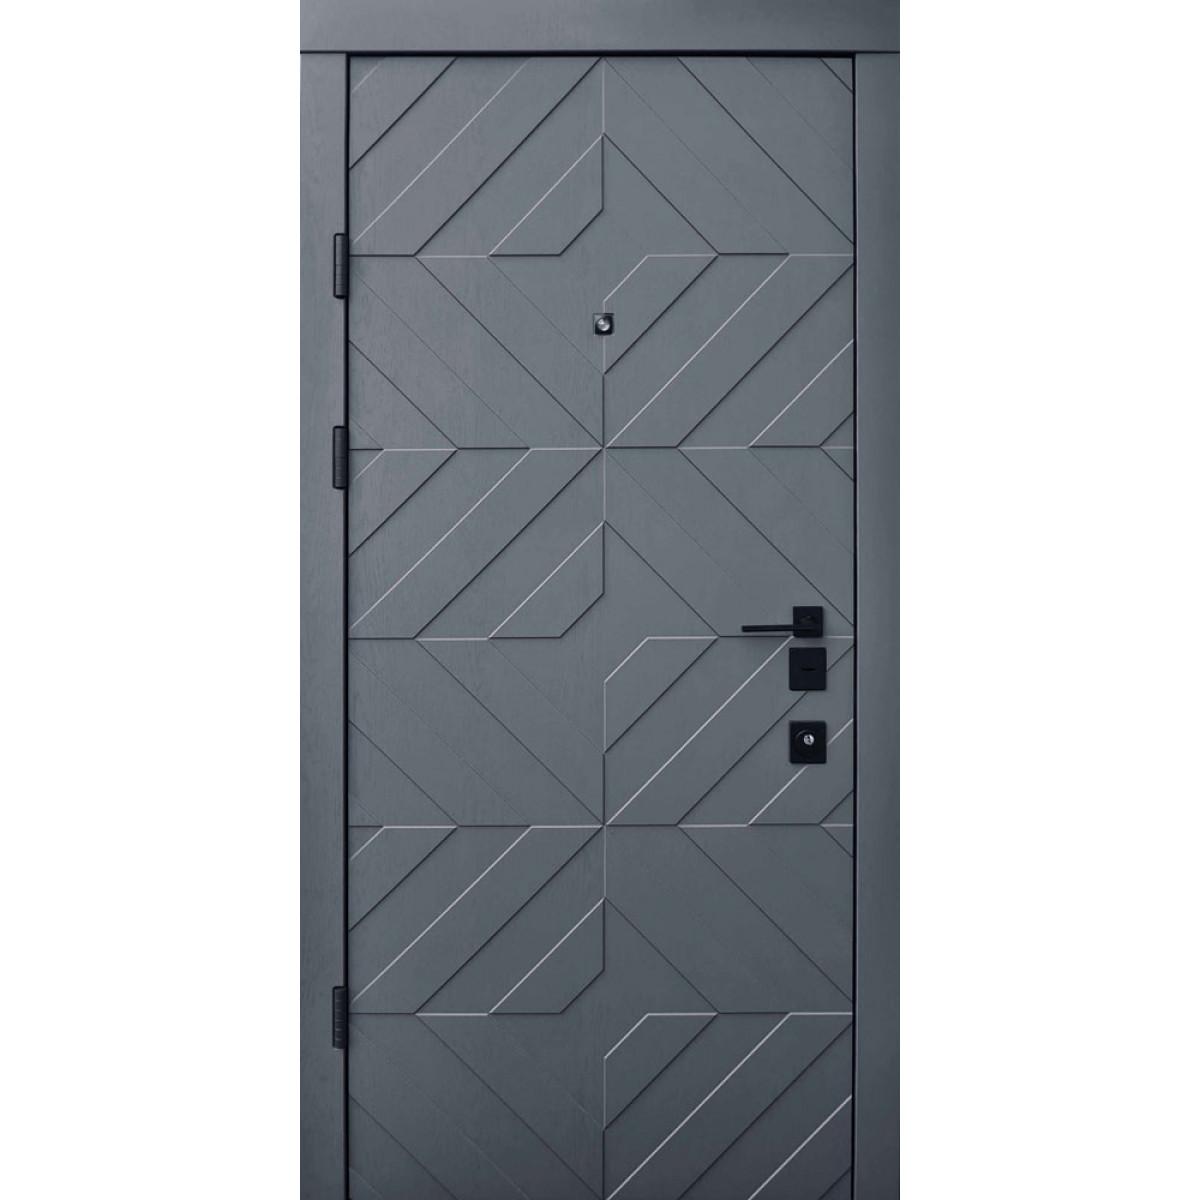 Входная дверь Qdoors Авангард Тиффани грифель структуры / софт белая эмаль (ЧБ)